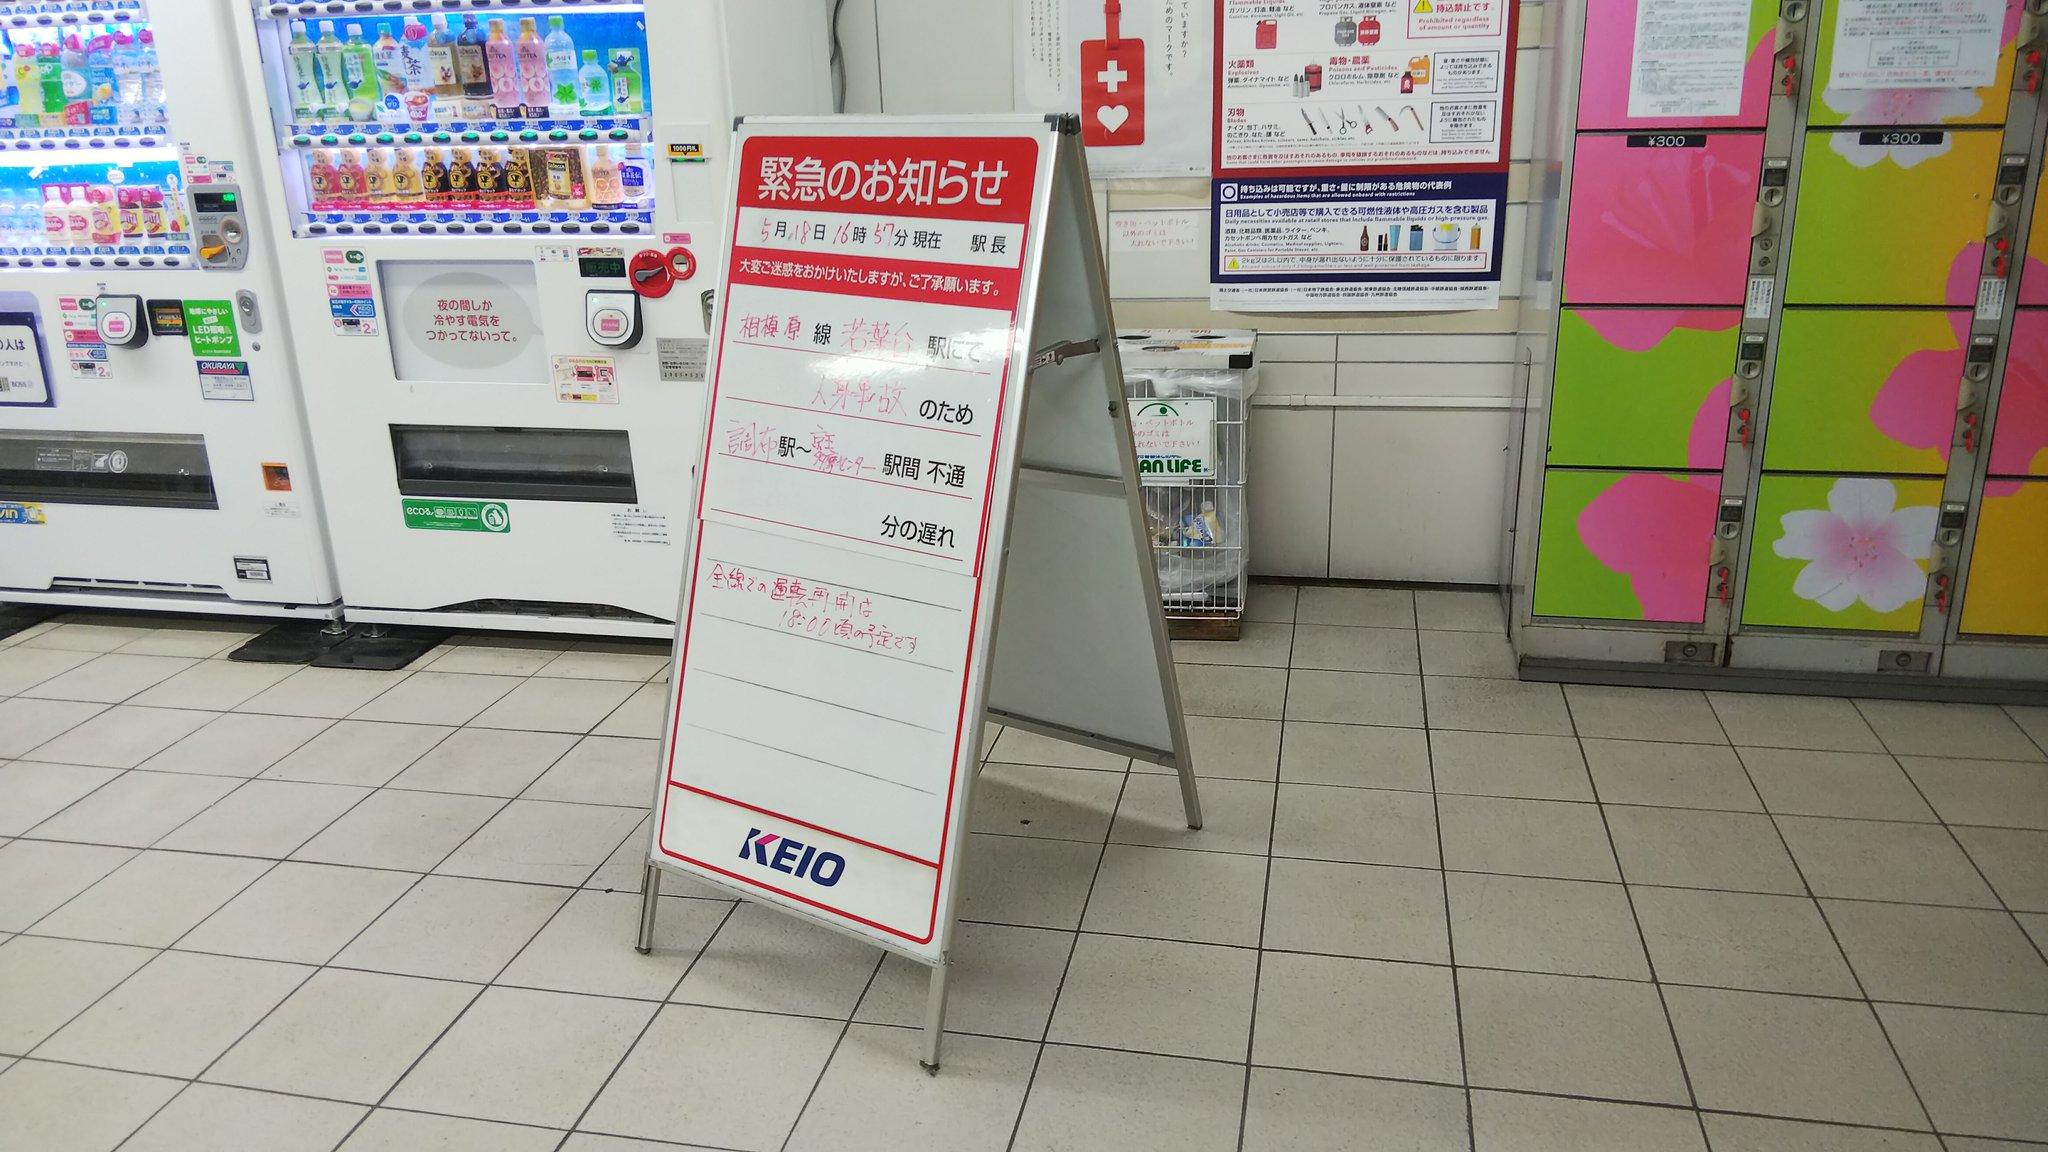 京王相模原線の若葉台駅の人身事故の掲示板の画像